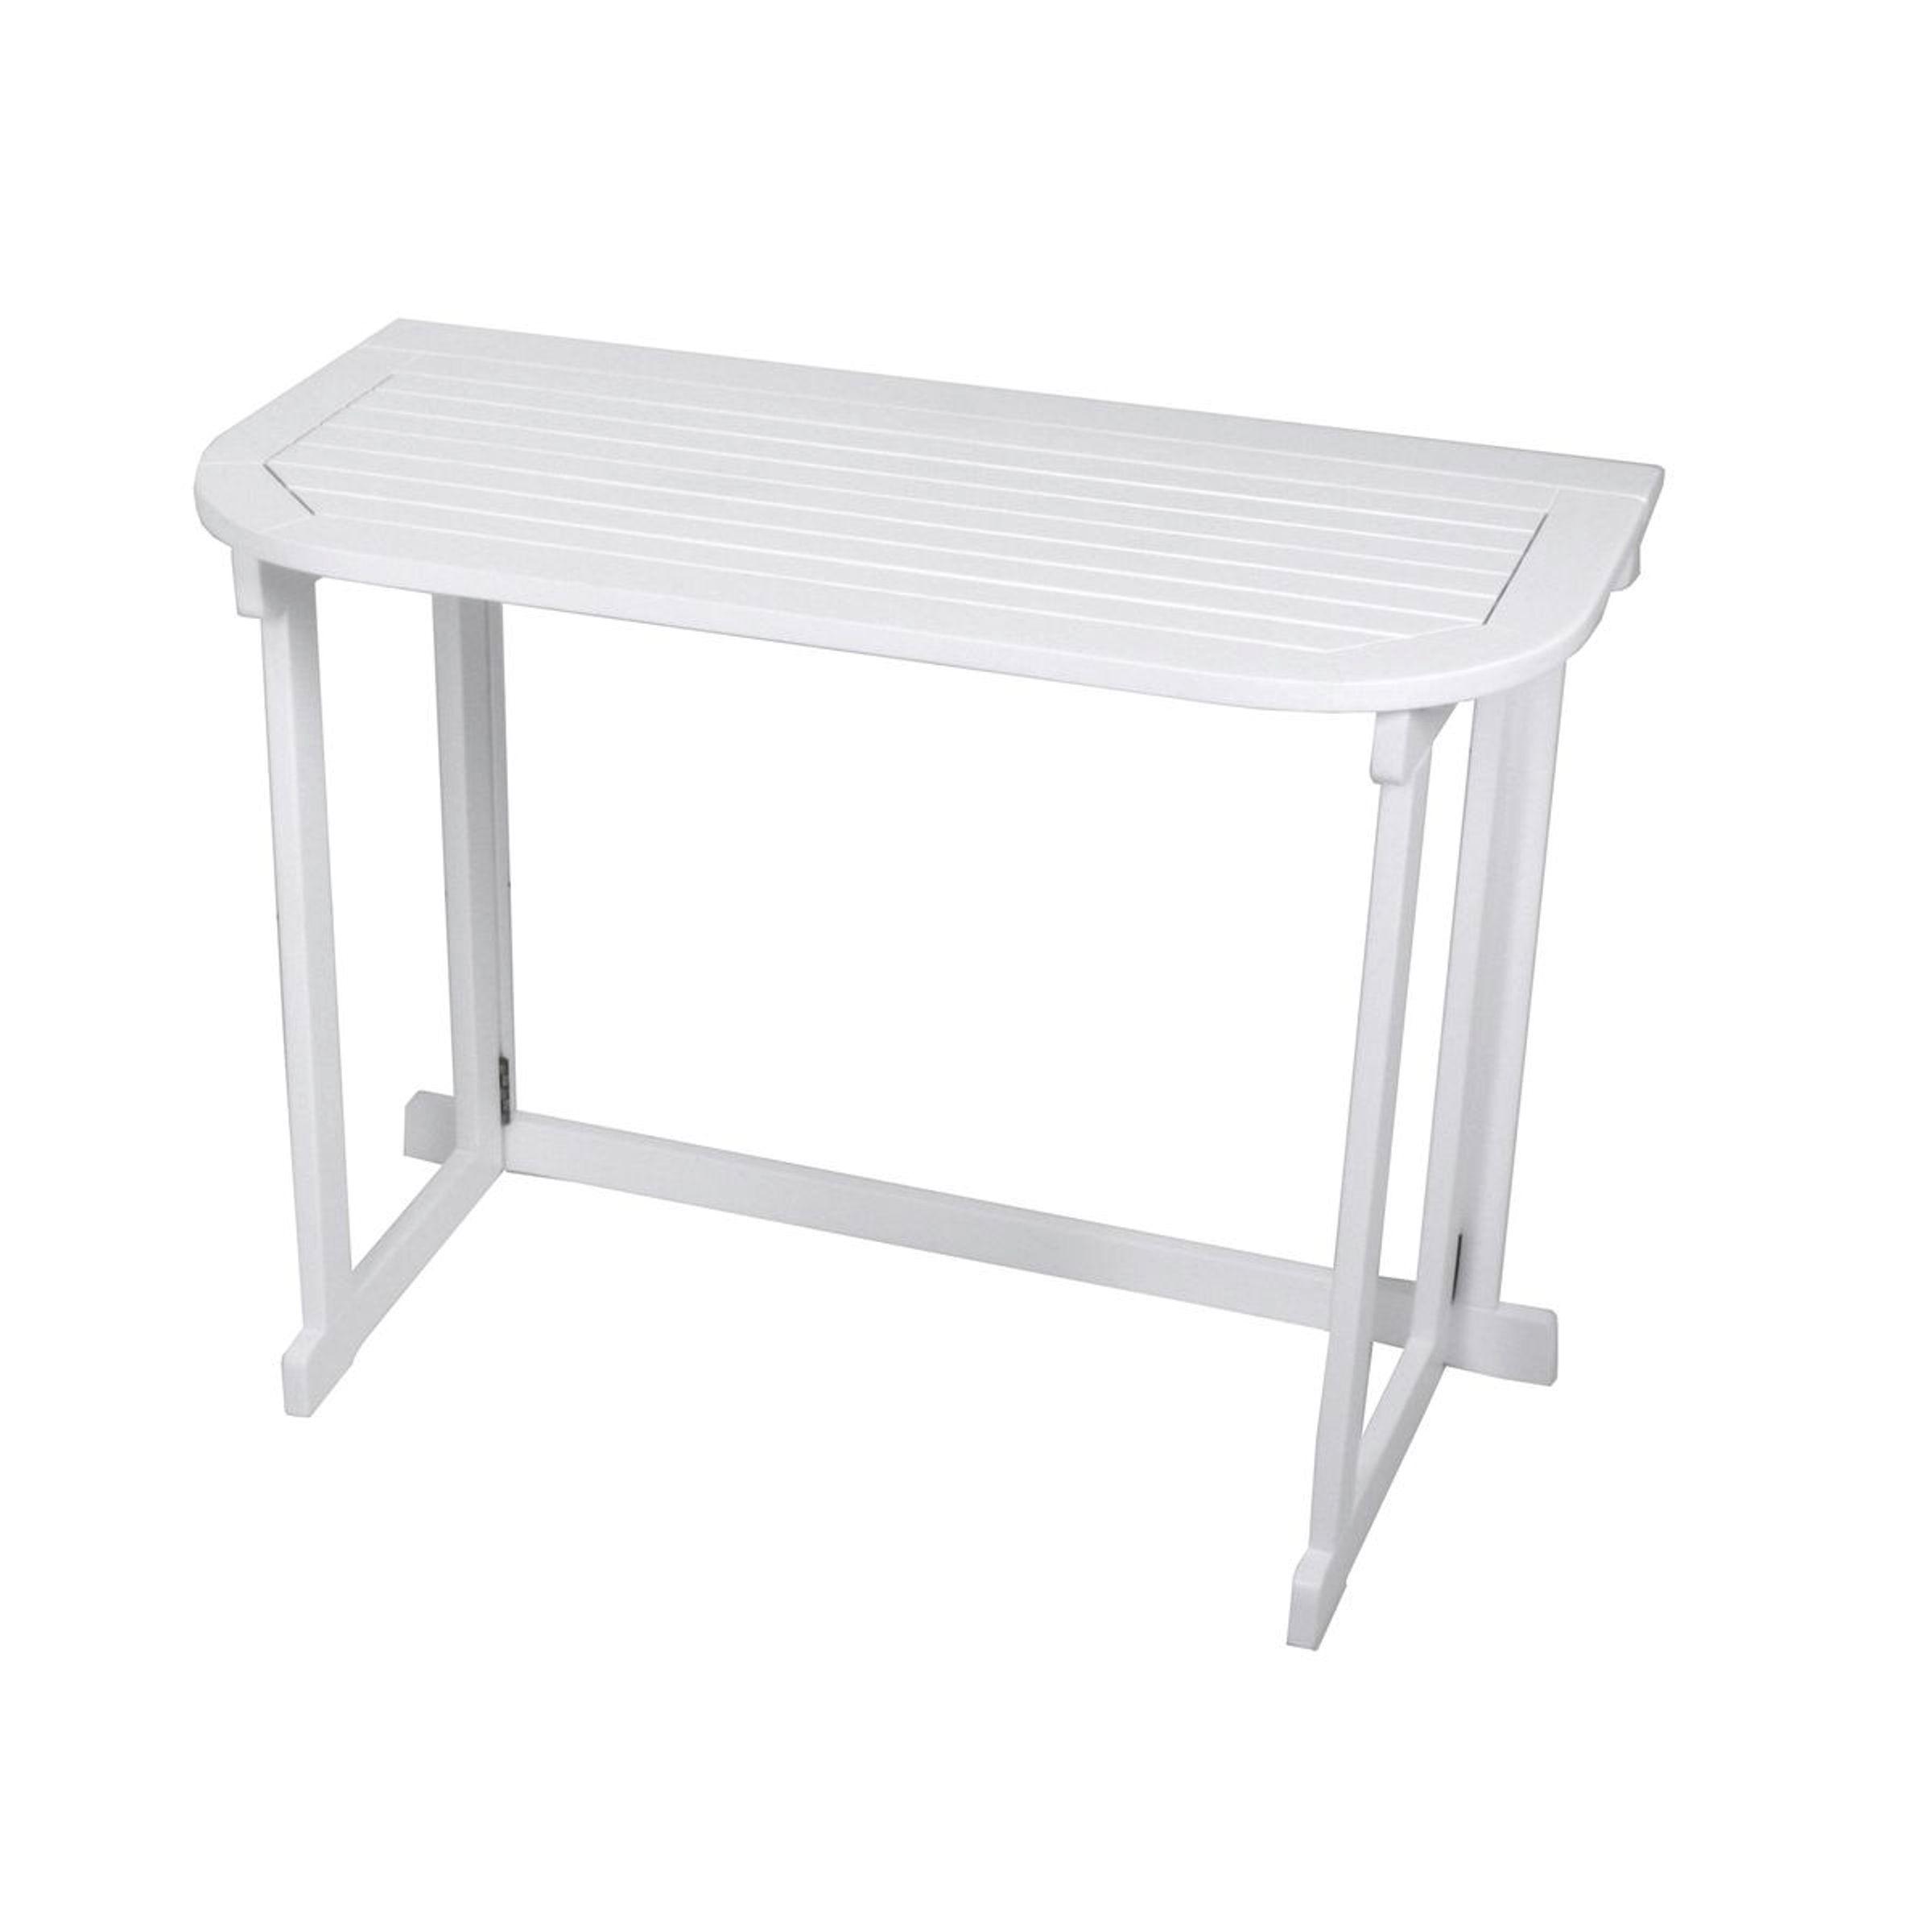 Balkon Tisch Klapptisch Tisch Holztisch Balkon Terrasse Garten Holz 100 X  50 Cm